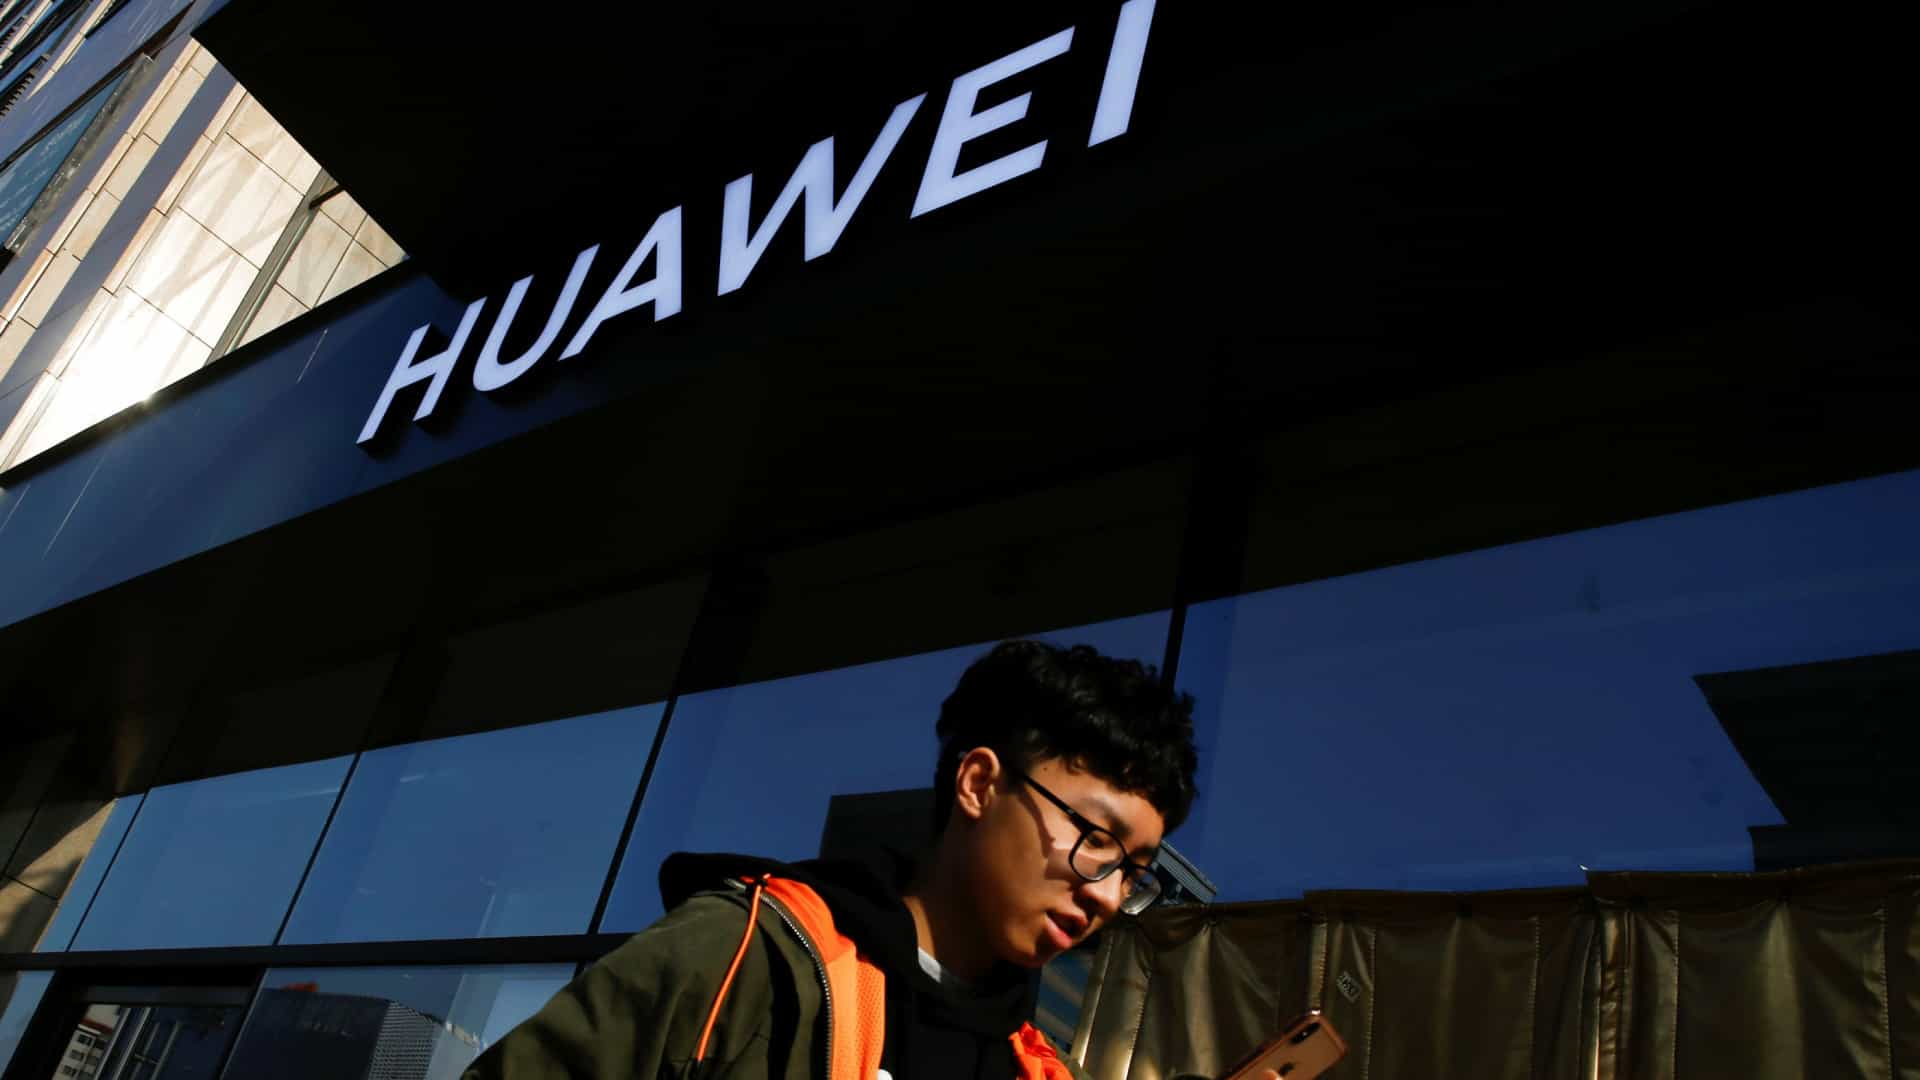 Huawei vai gastar 2.000 milhões de dólares em segurança nos próximos anos